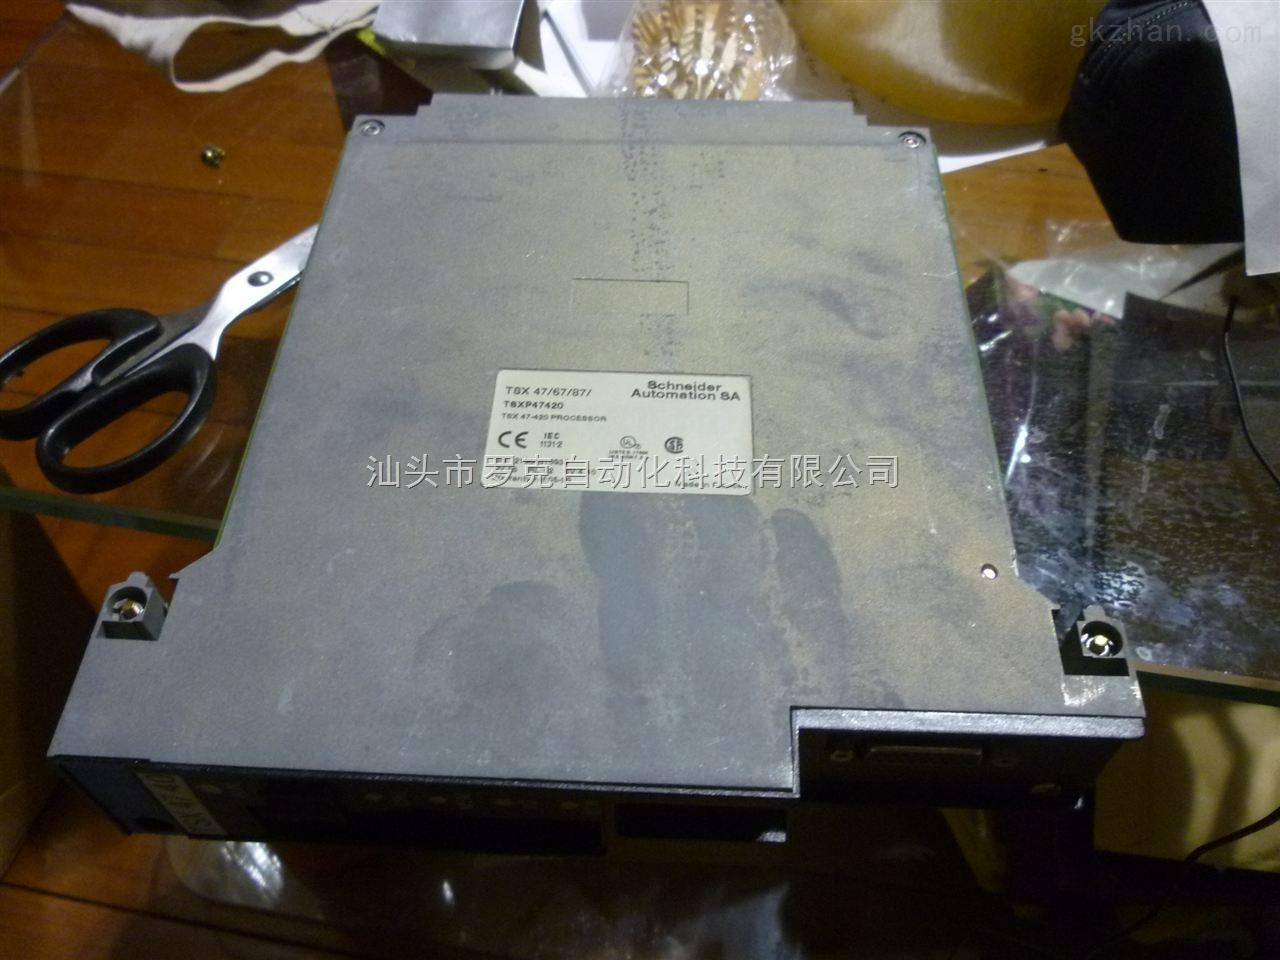 TSXP47420 施耐德PLC模块|供应 TSXP47420